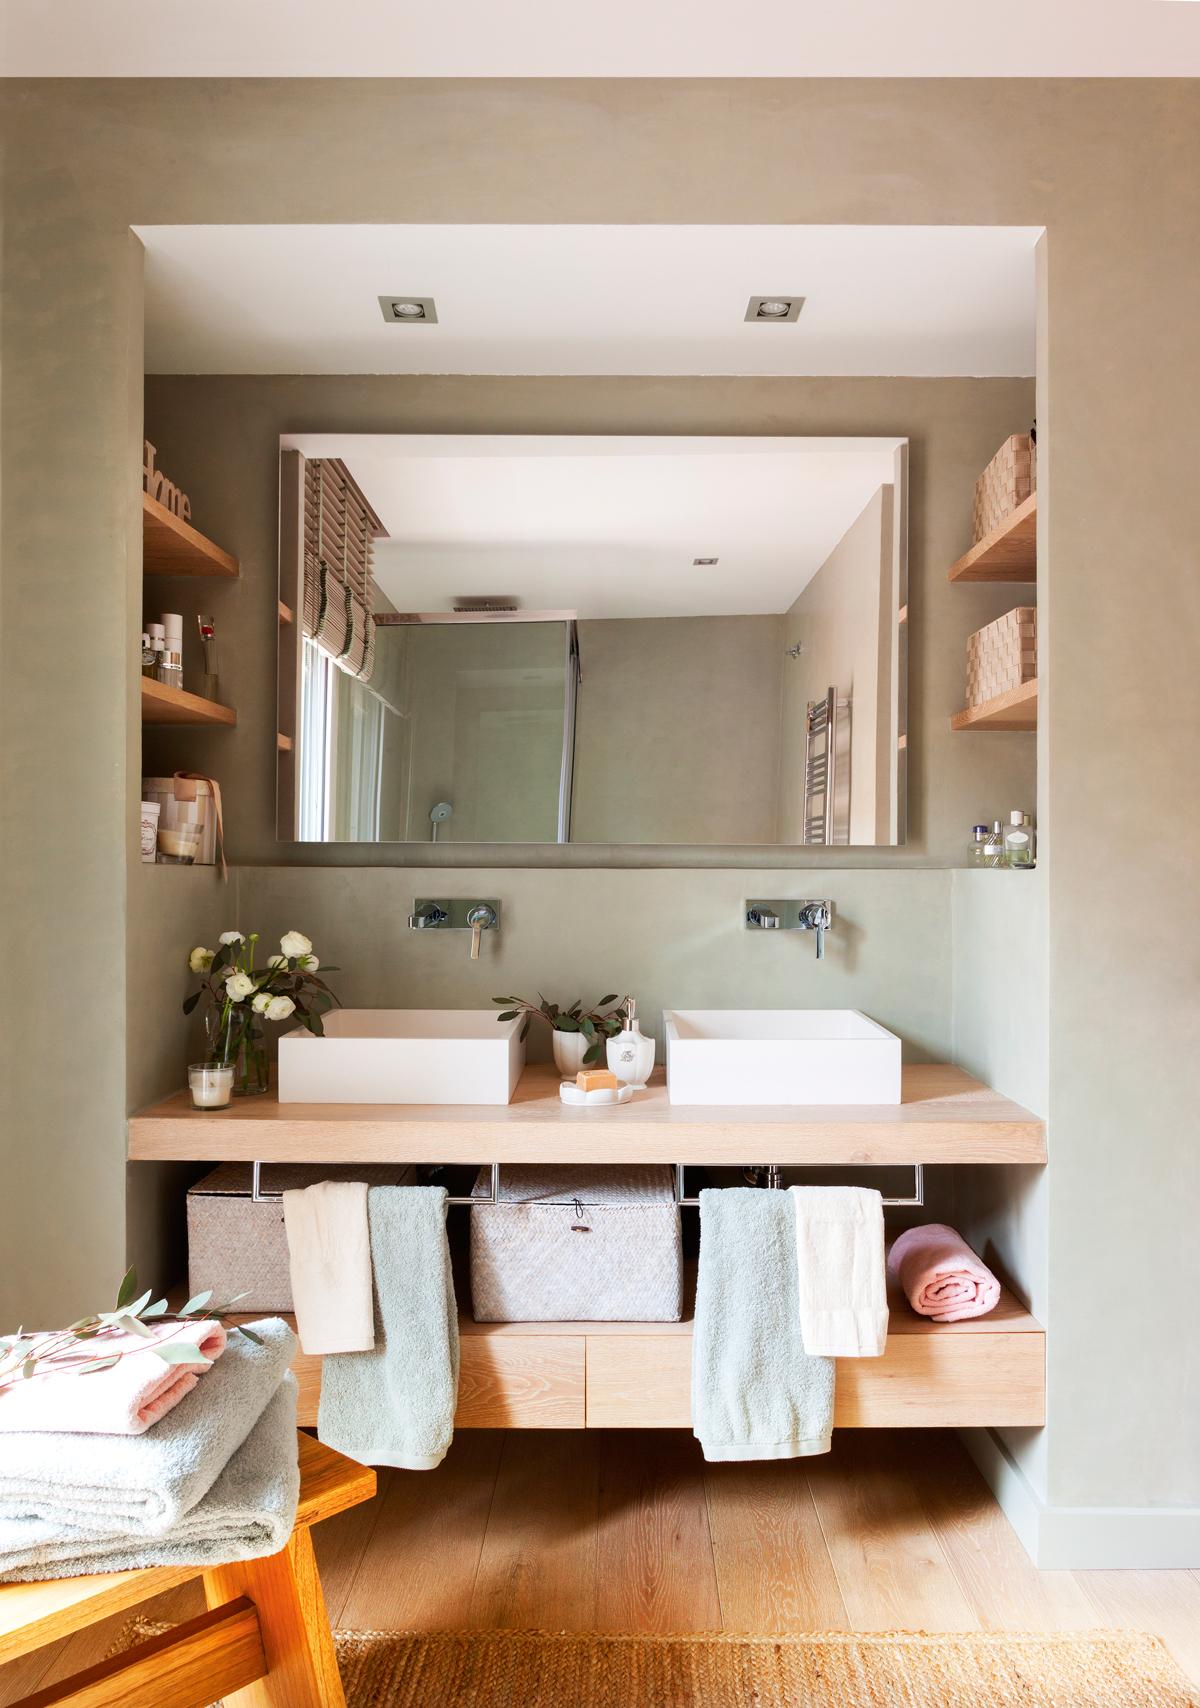 Hornacinas huecos decorativos y con espacio extra para - Muebles bano originales ...